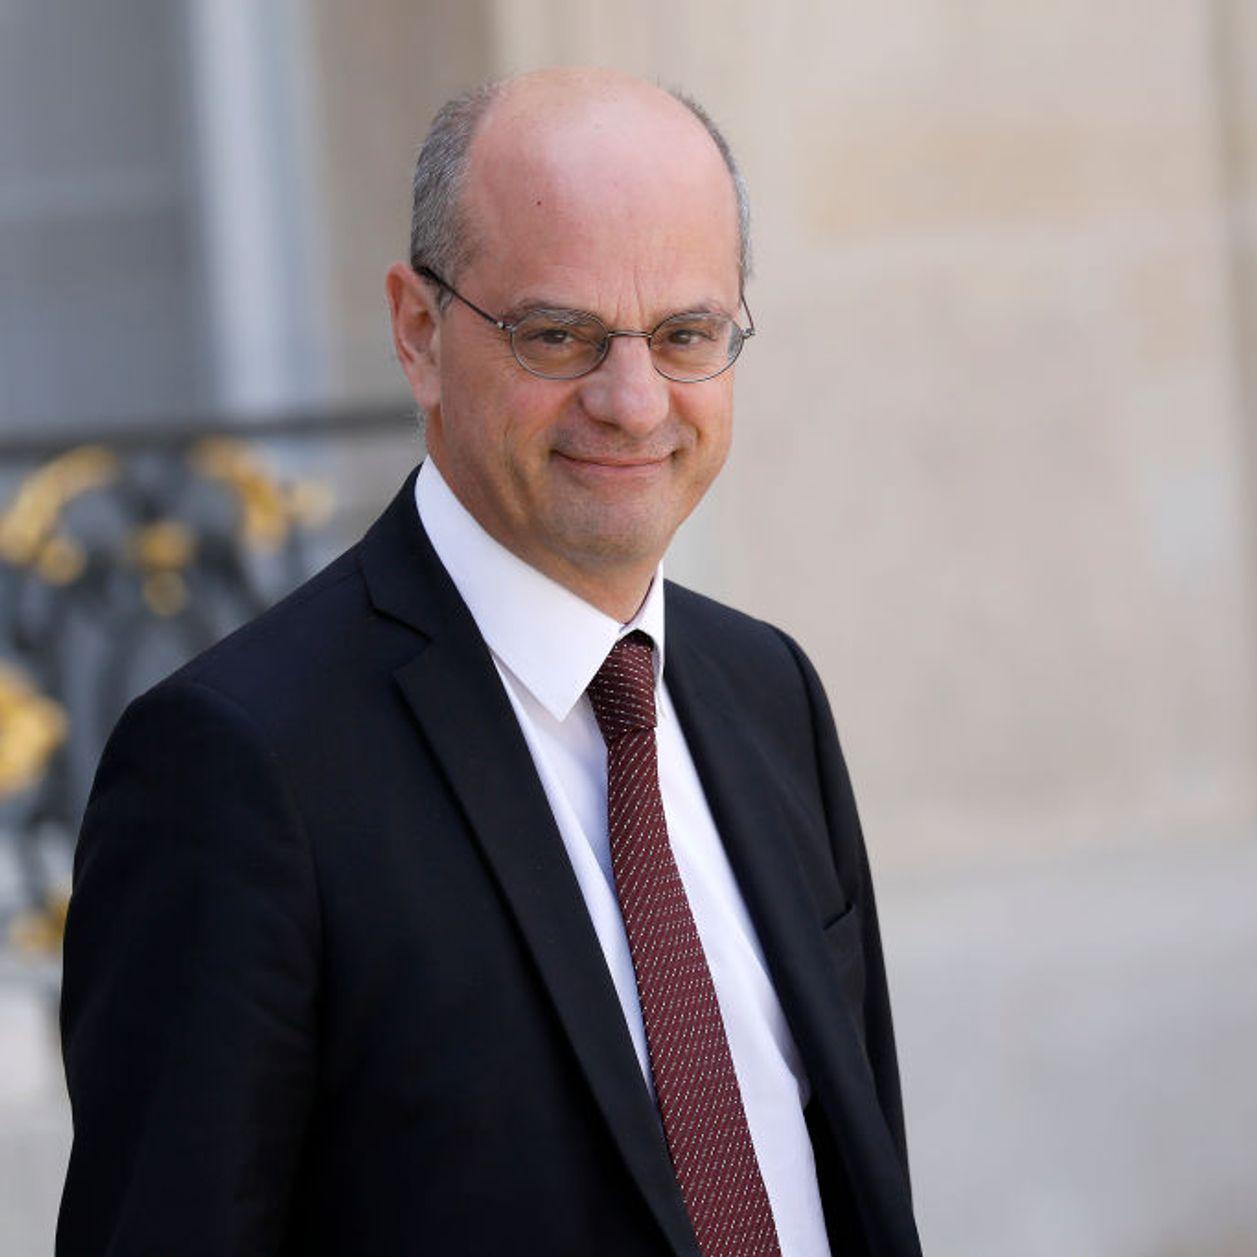 Covid-19 : en cas de contamination dans une classe de secondaire, les élèves non-vacciné.e.s «seront évincé.e.s», affirme Jean-Michel Blanquer